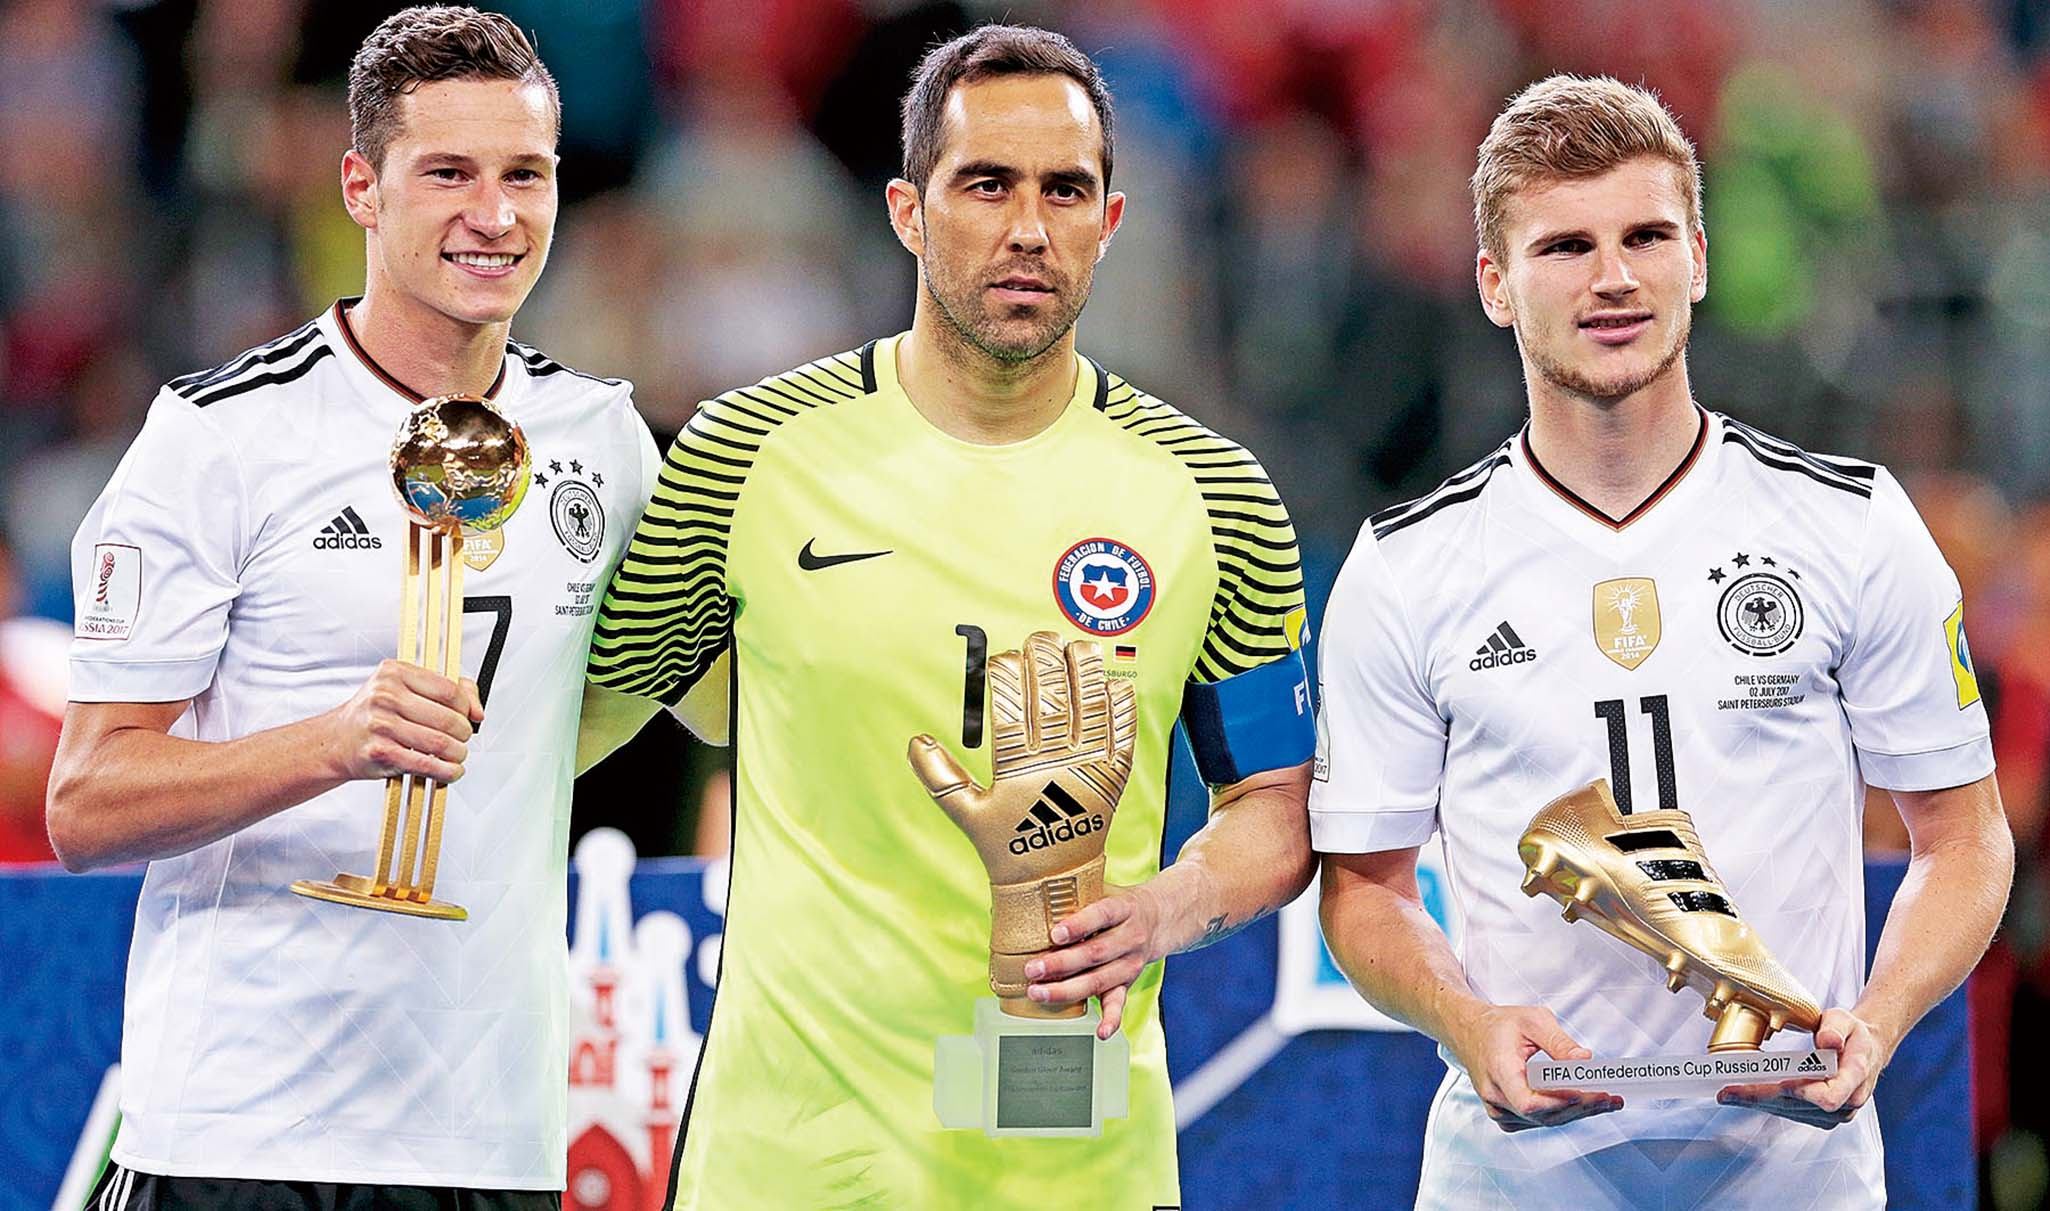 德國智取洲際盃